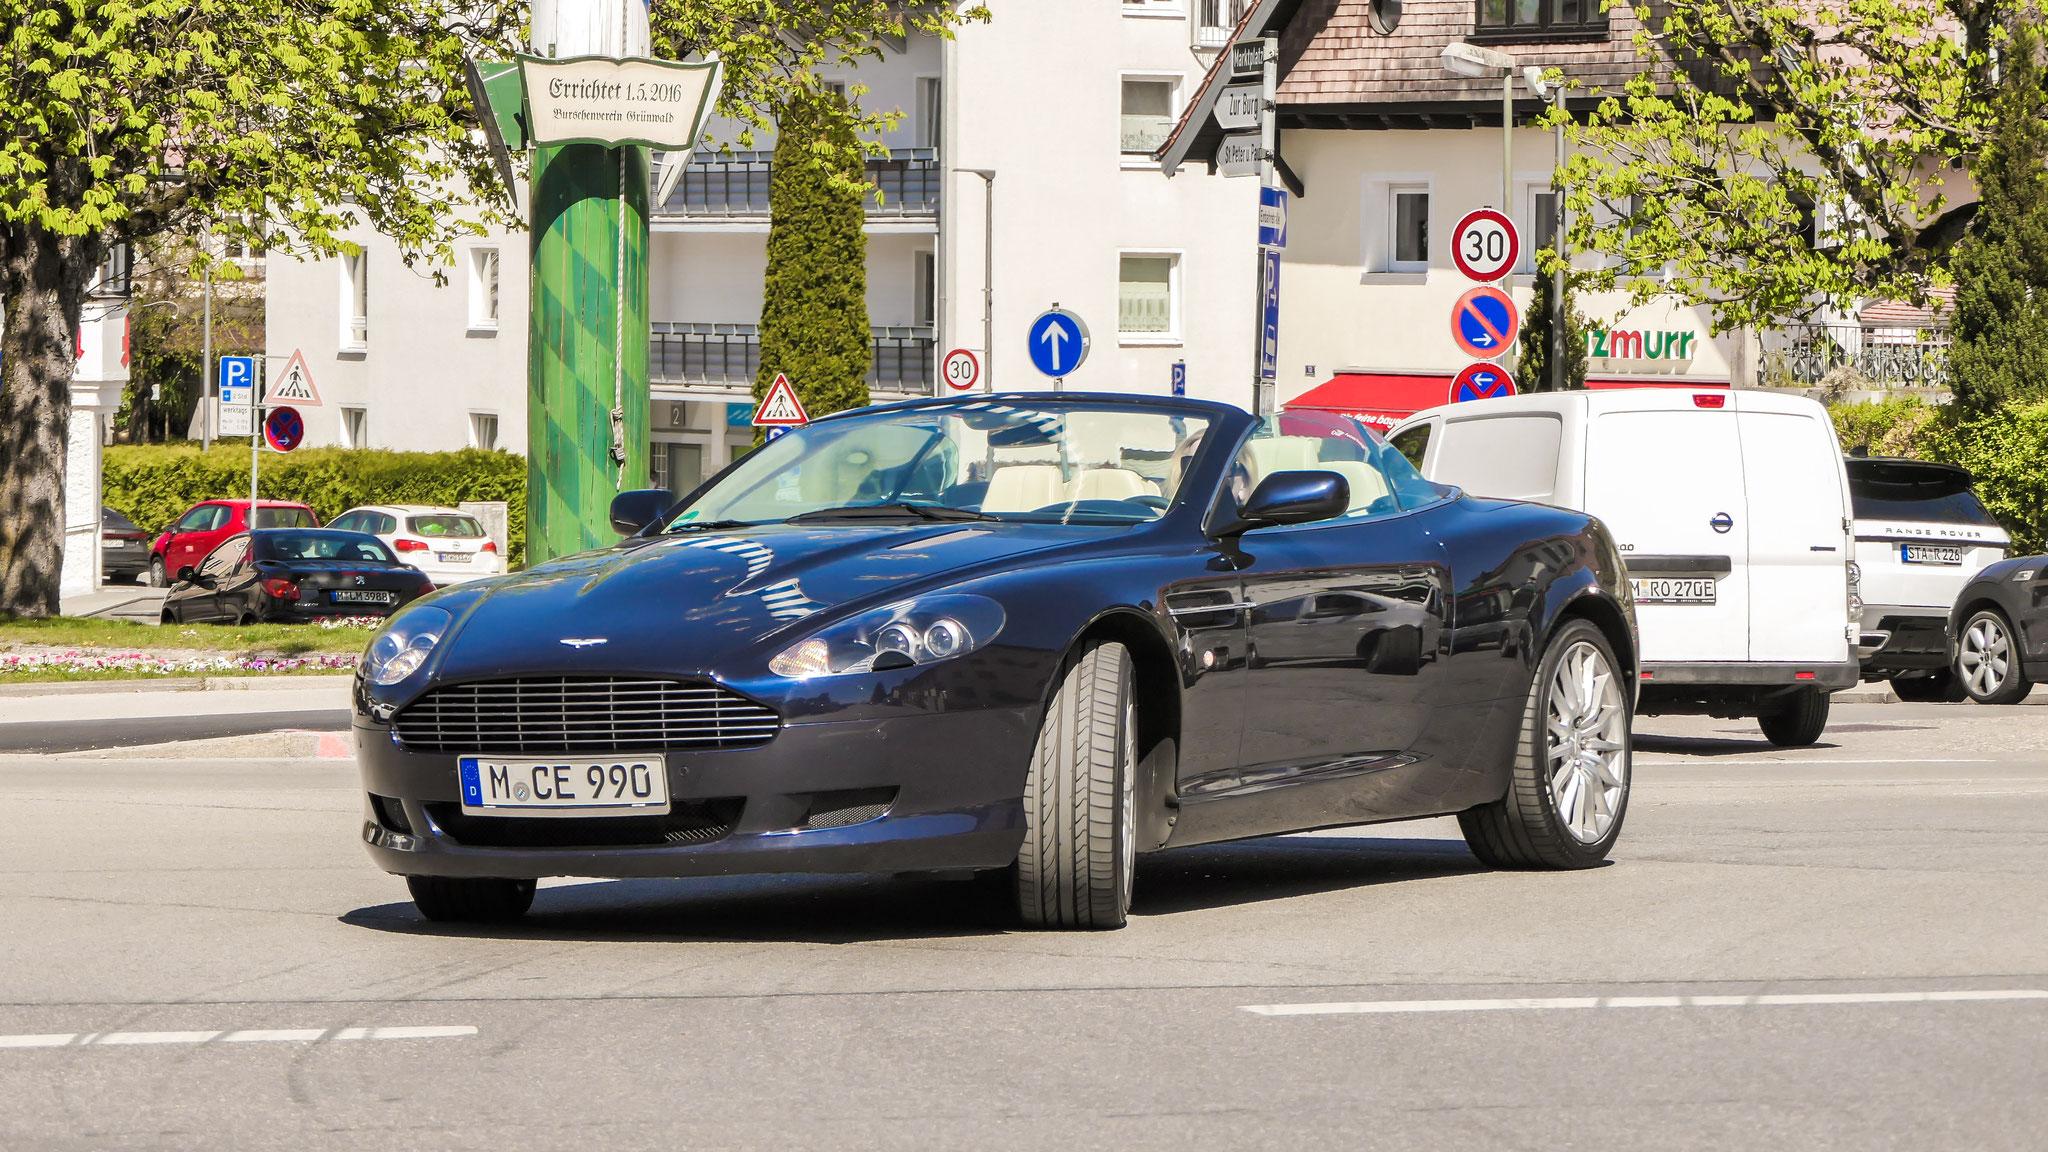 Aston Martin DB9 Volante - M-CE-990